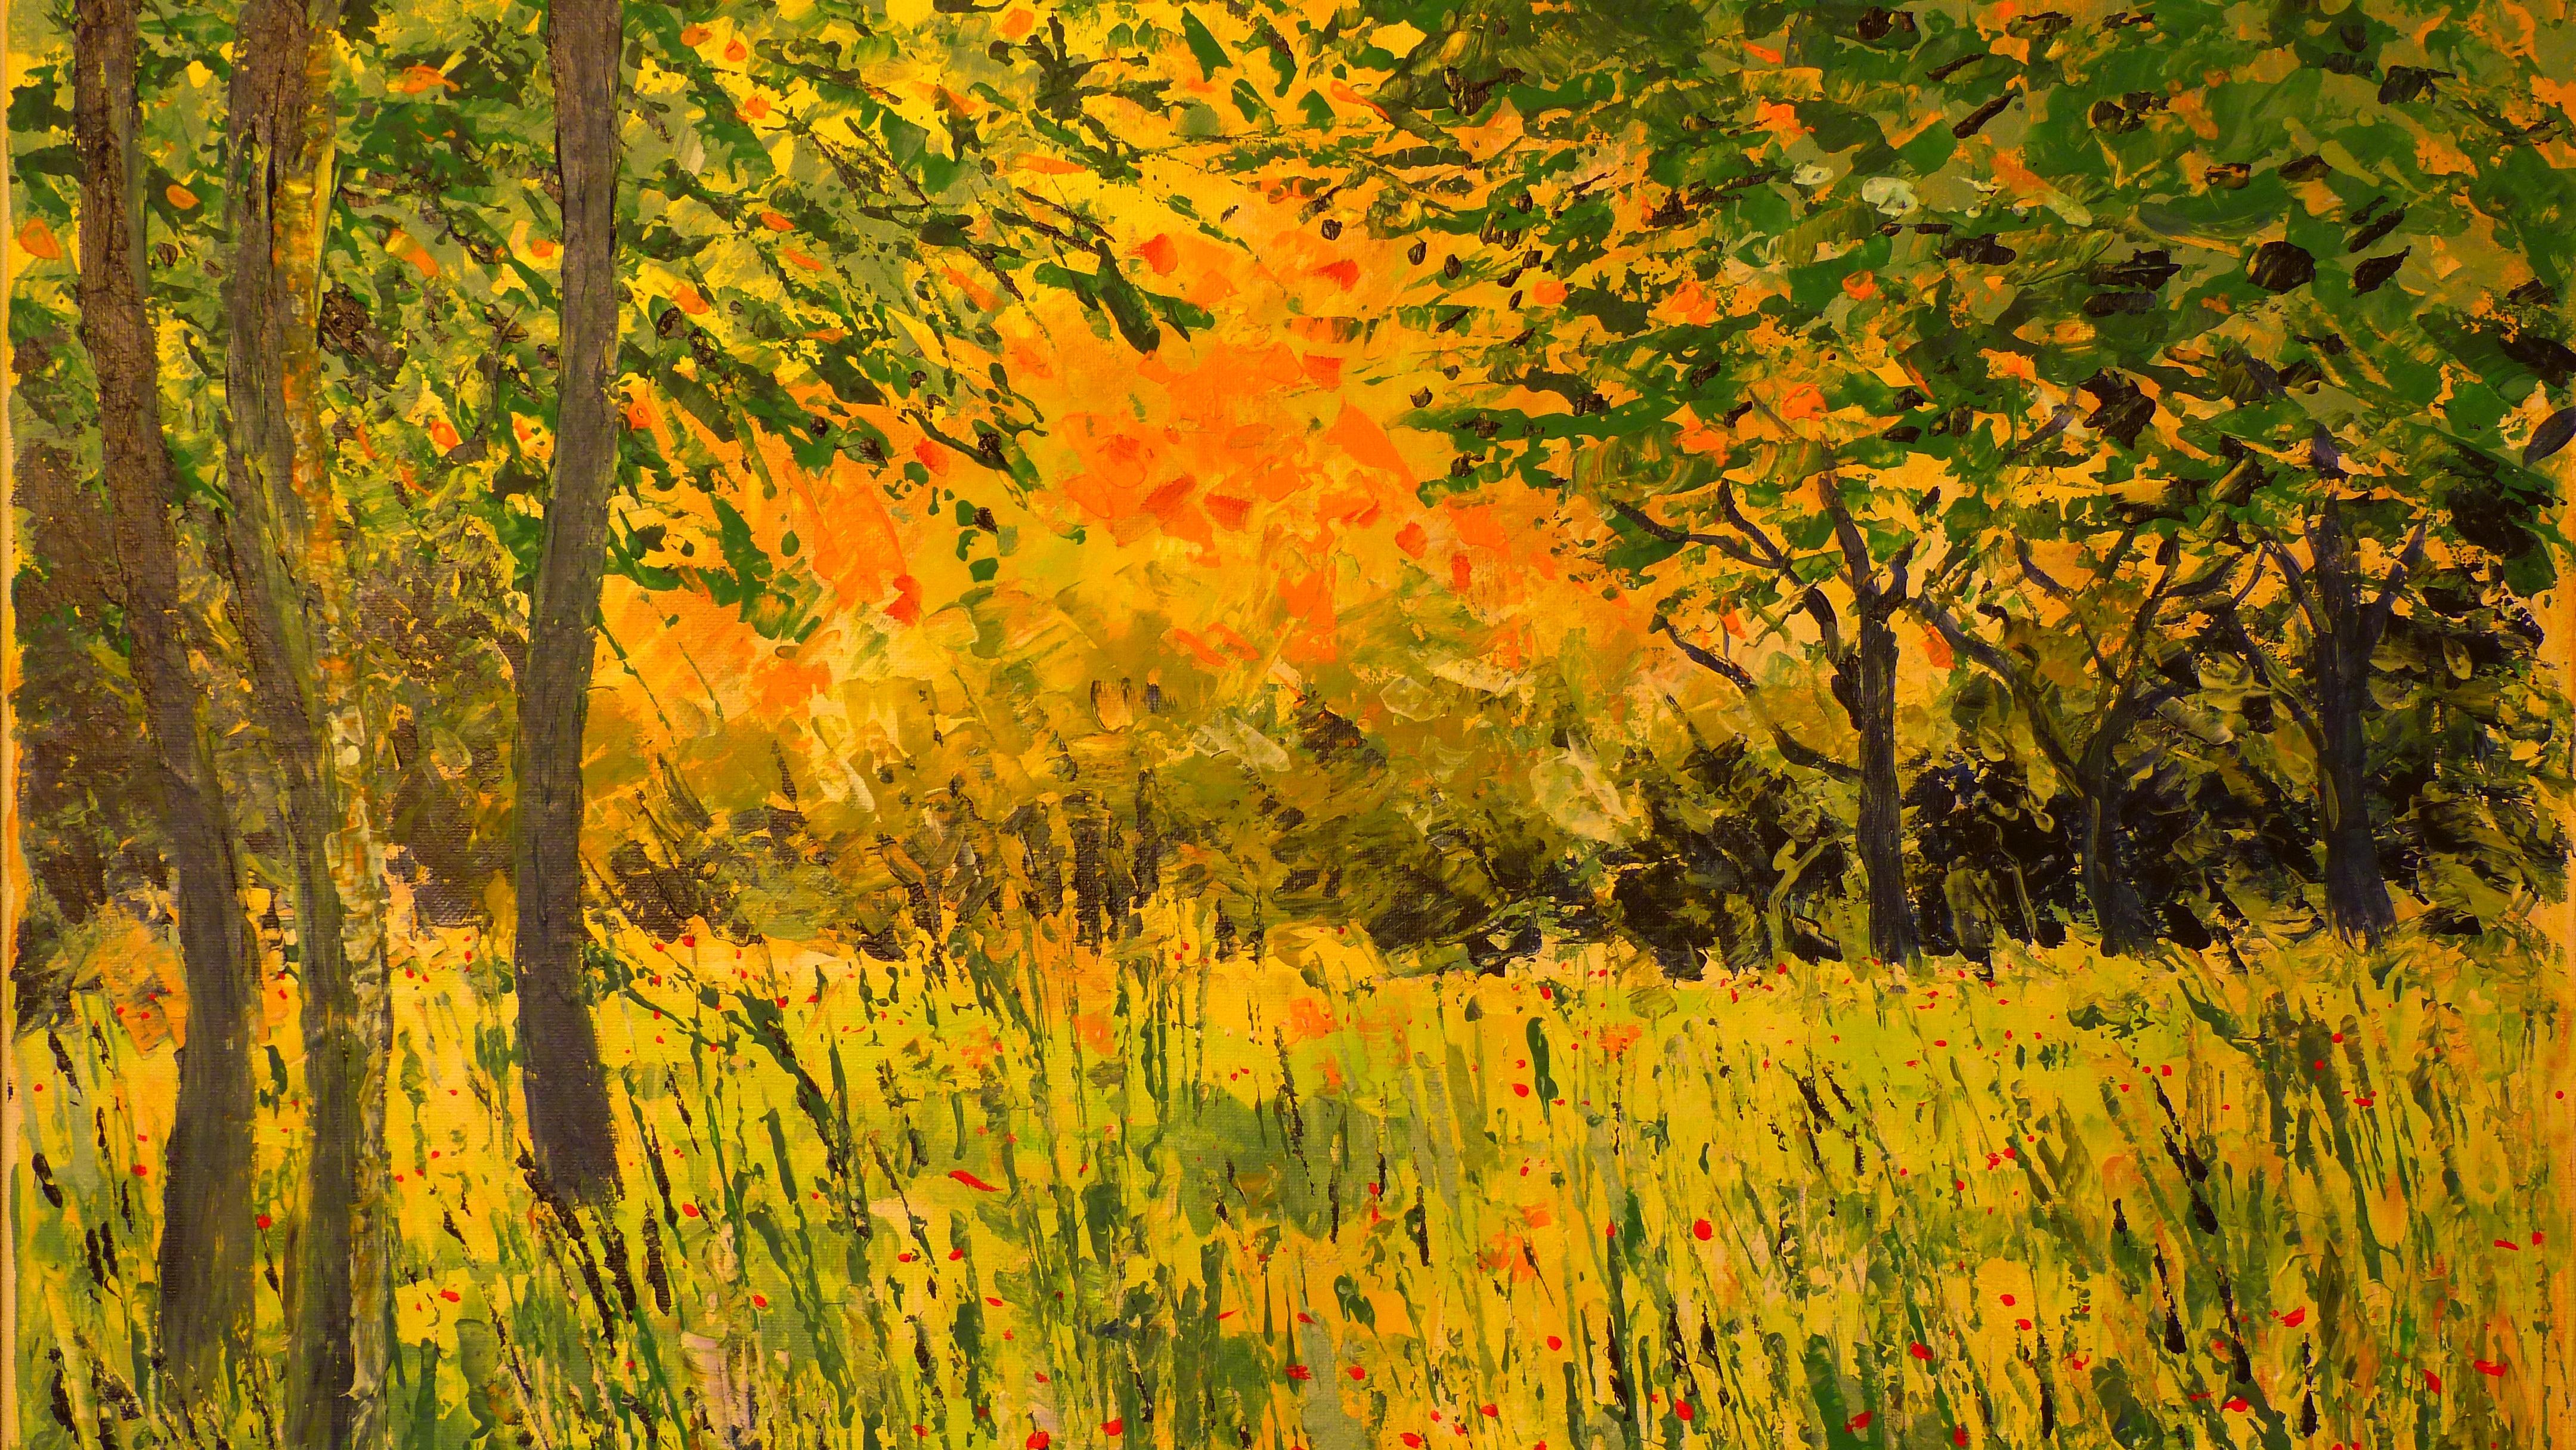 Fotoğraf Peyzaj Ağaç şube çayır Güneş ışığı Yaprak Sonbahar